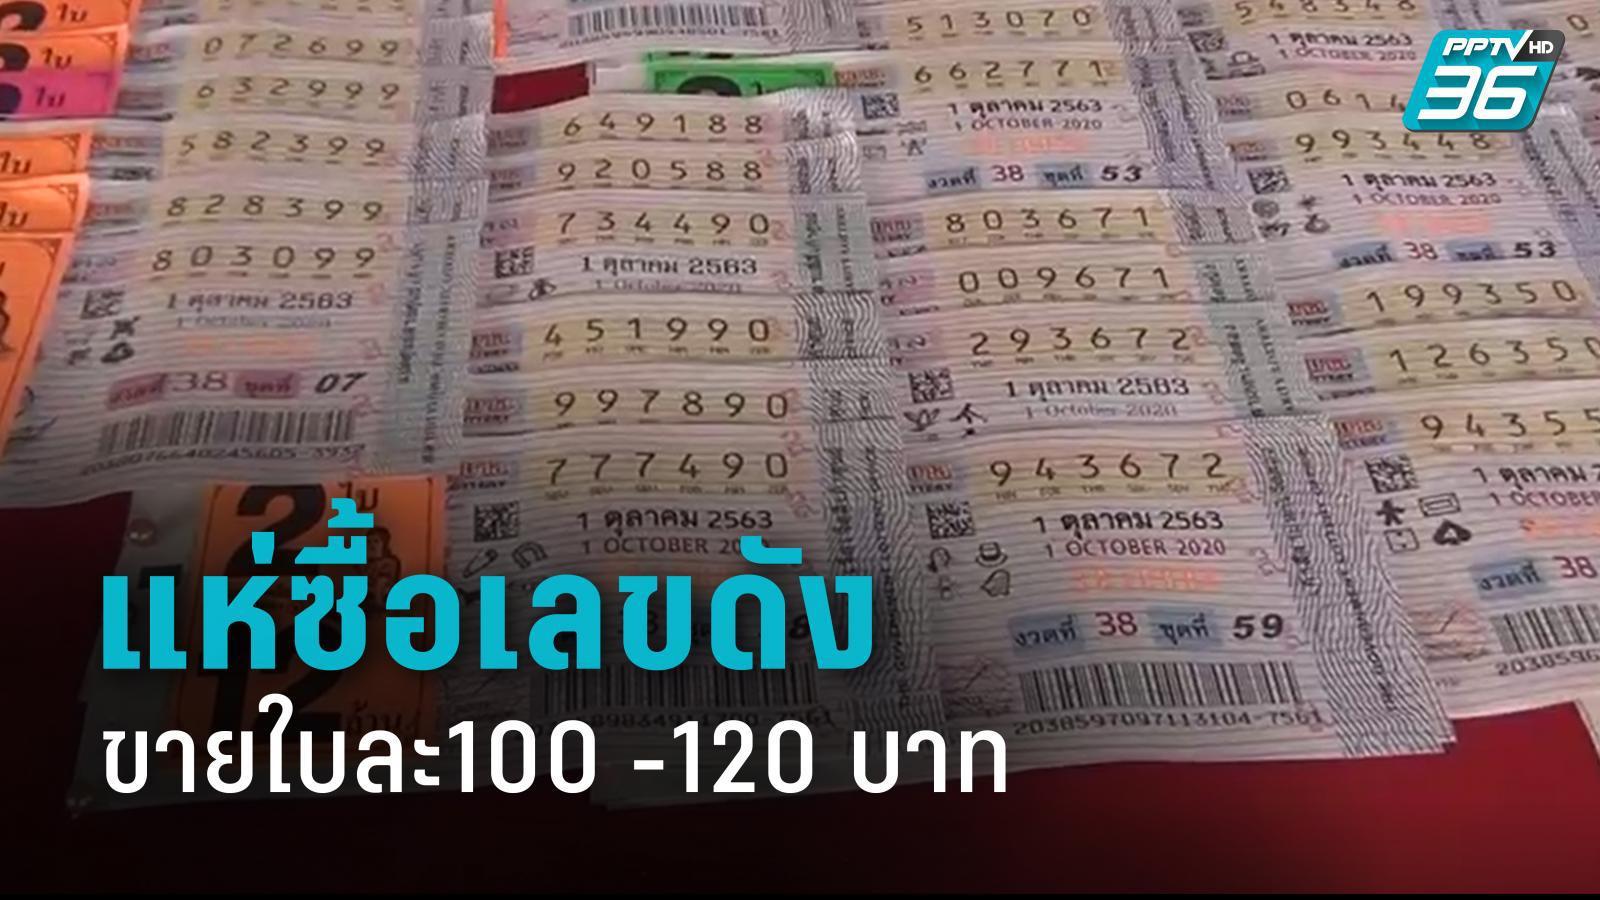 นักเสี่ยงโชค แห่ซื้อลอตเตอรี่เลขดัง พบขายเกินราคาใบละ100 -120 บาท